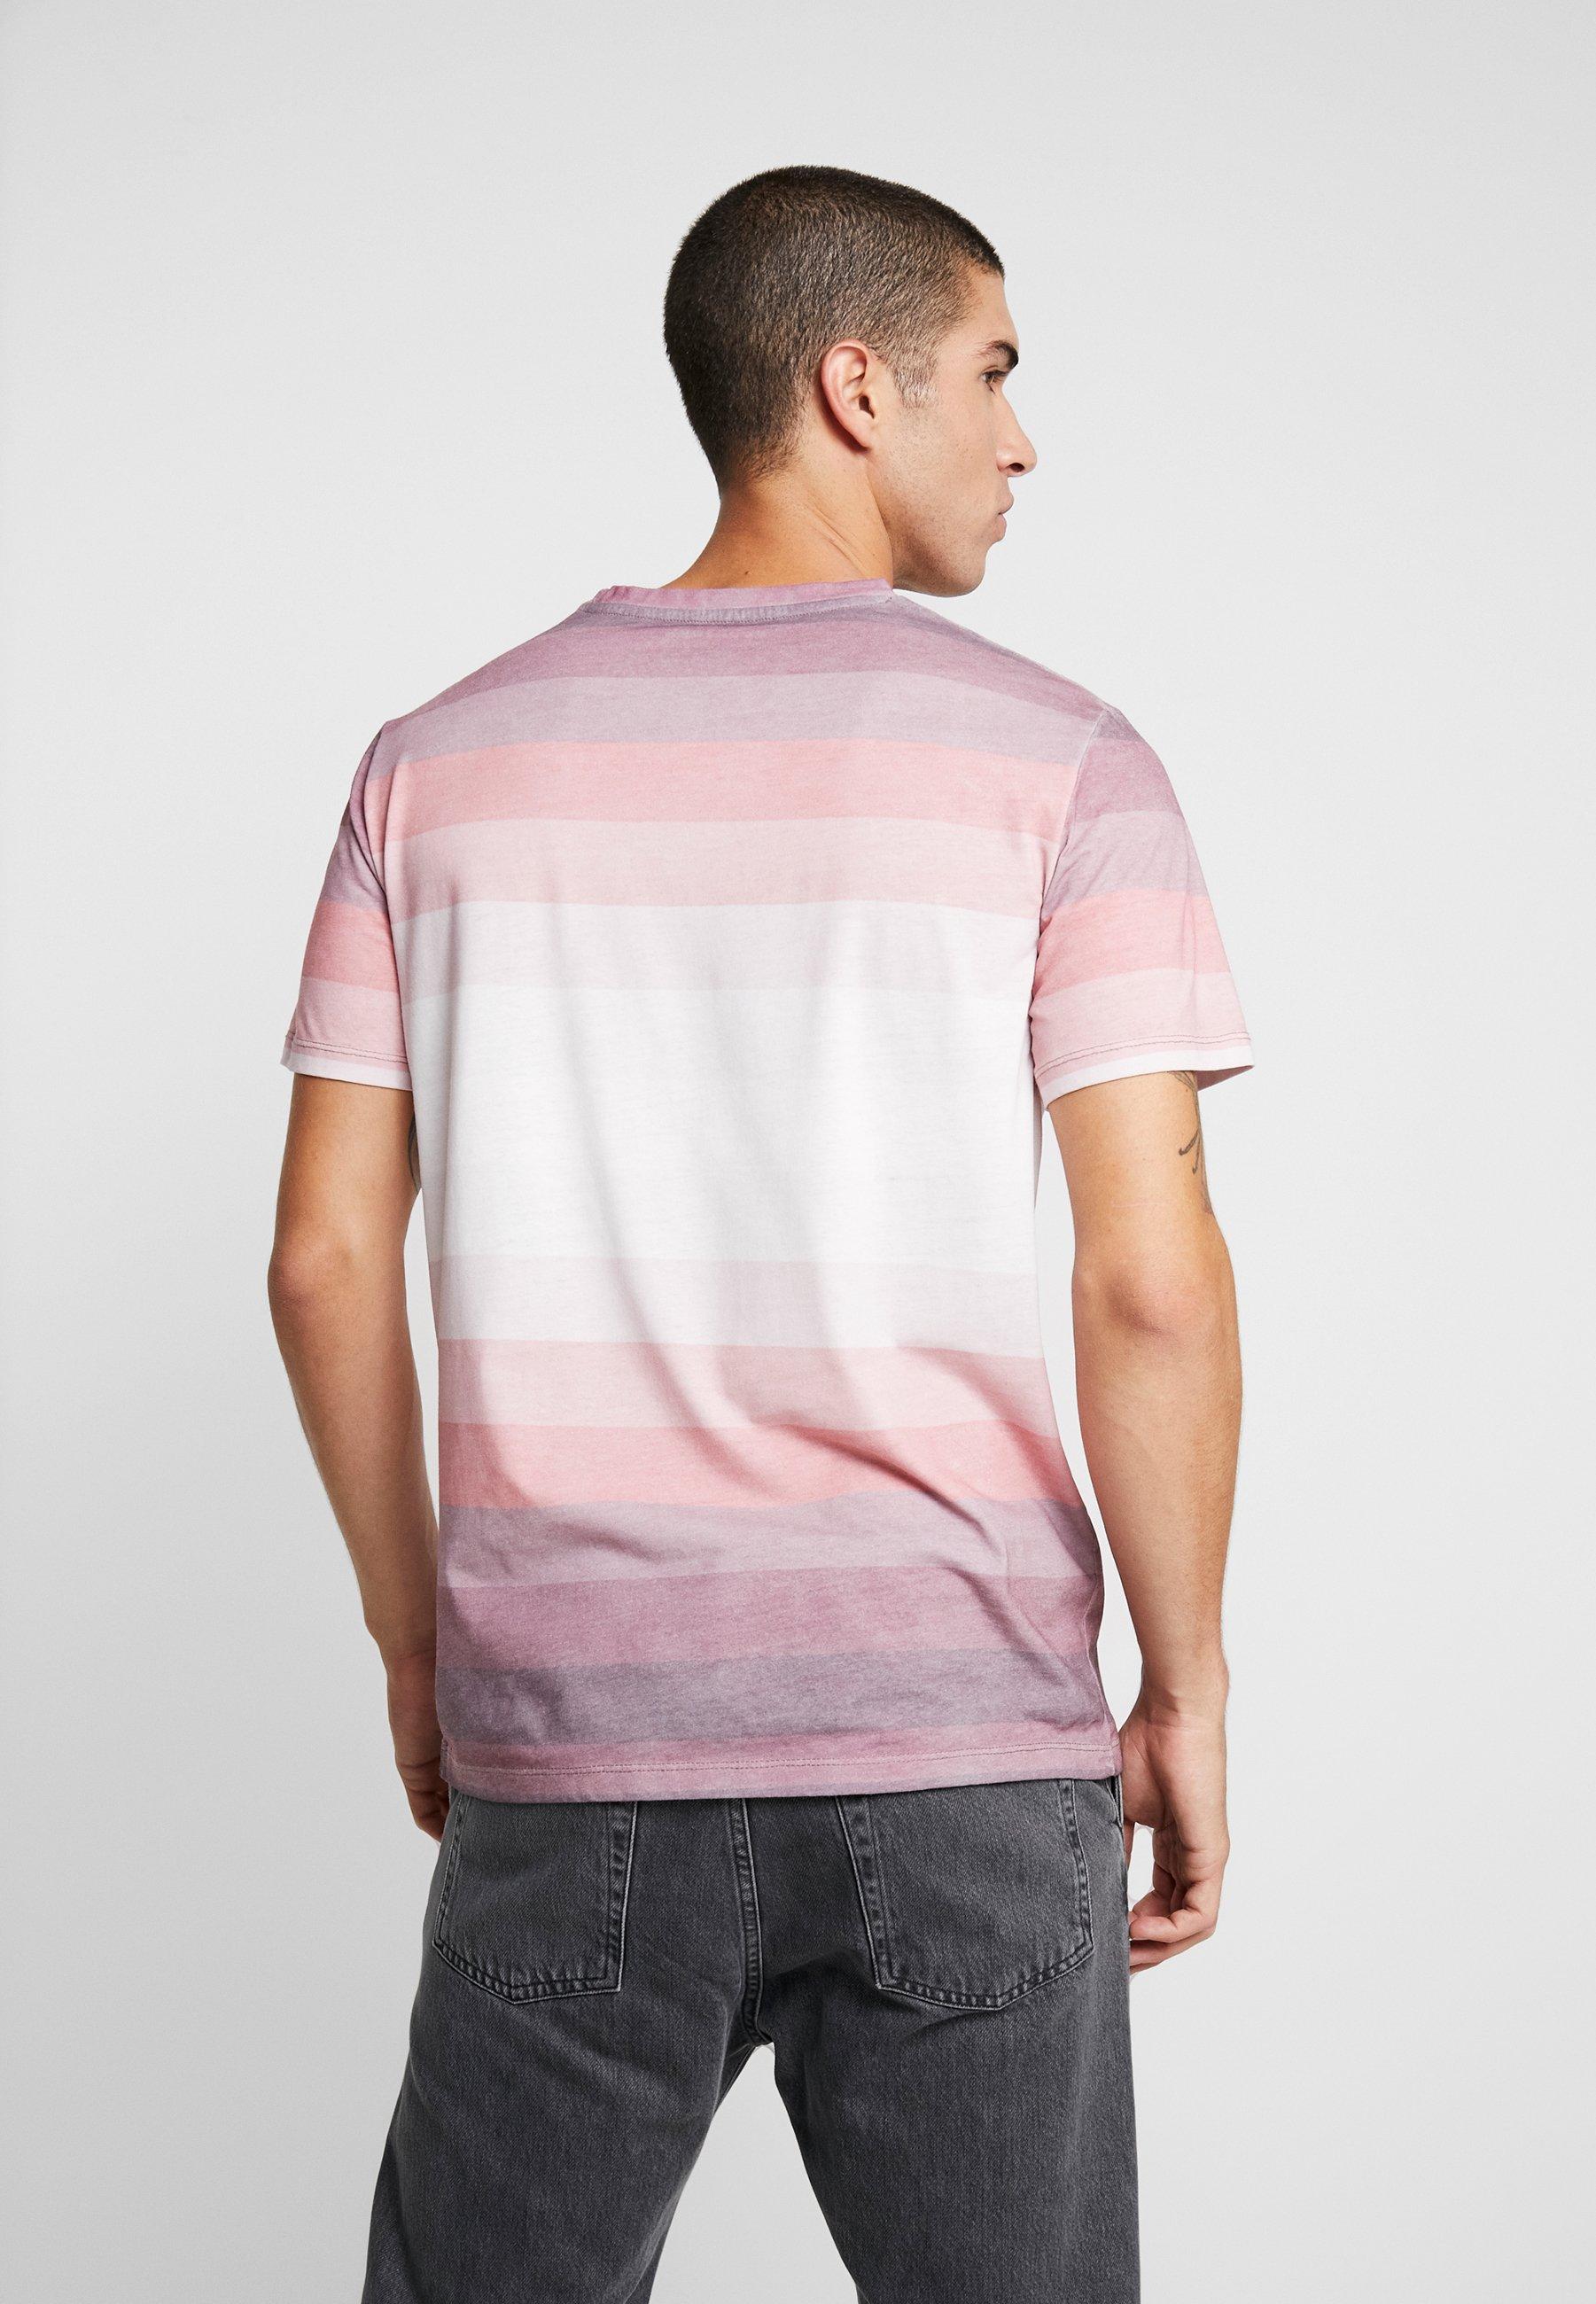 Yourturn shirt T T shirt ImpriméBordeaux T ImpriméBordeaux ImpriméBordeaux shirt Yourturn T Yourturn Yourturn shirt zMpSVqU